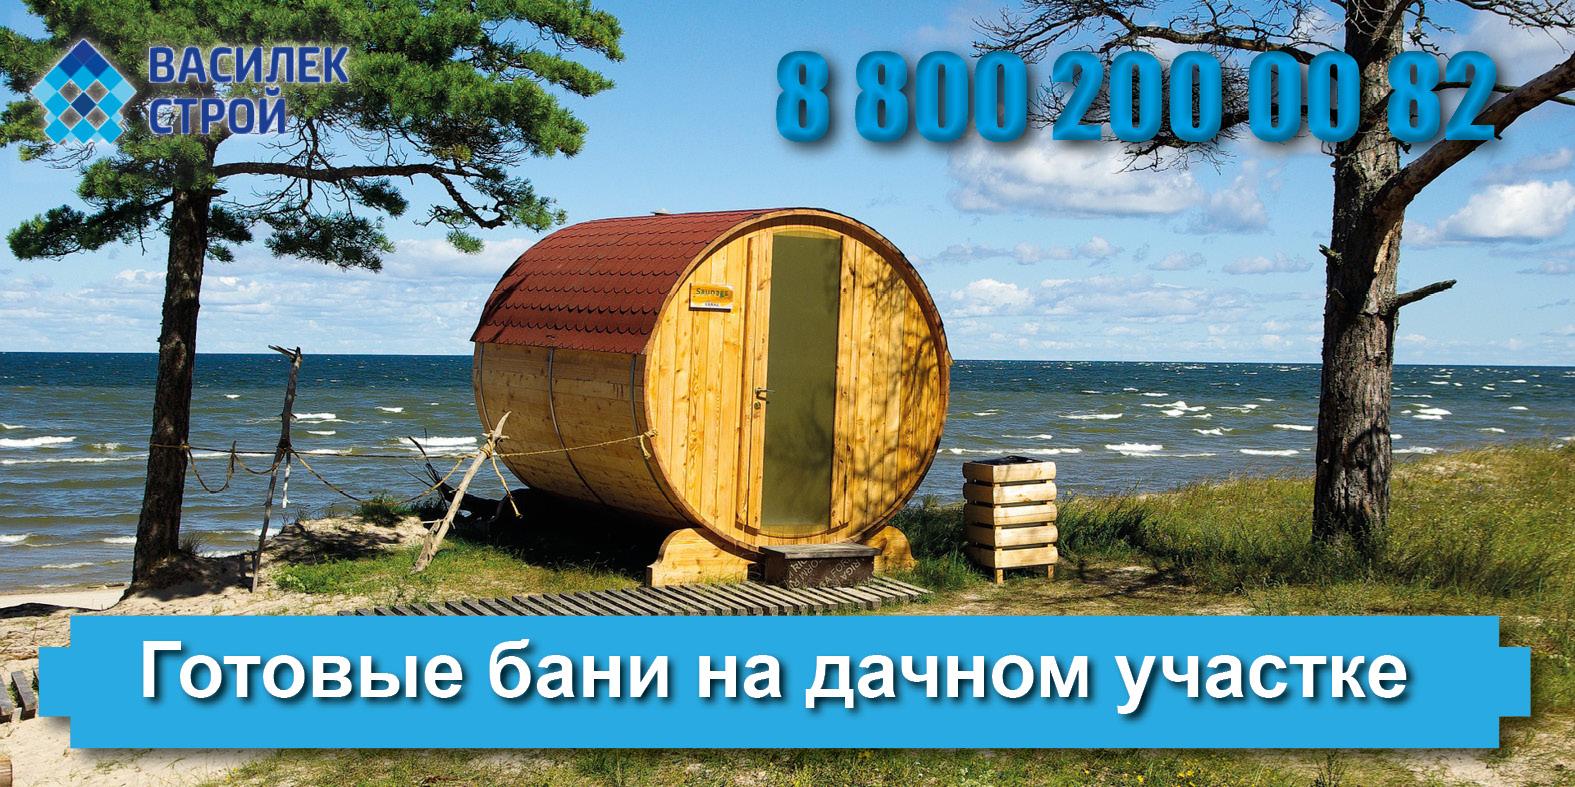 Где и как заказать готовые бани в Санкт Петербурге